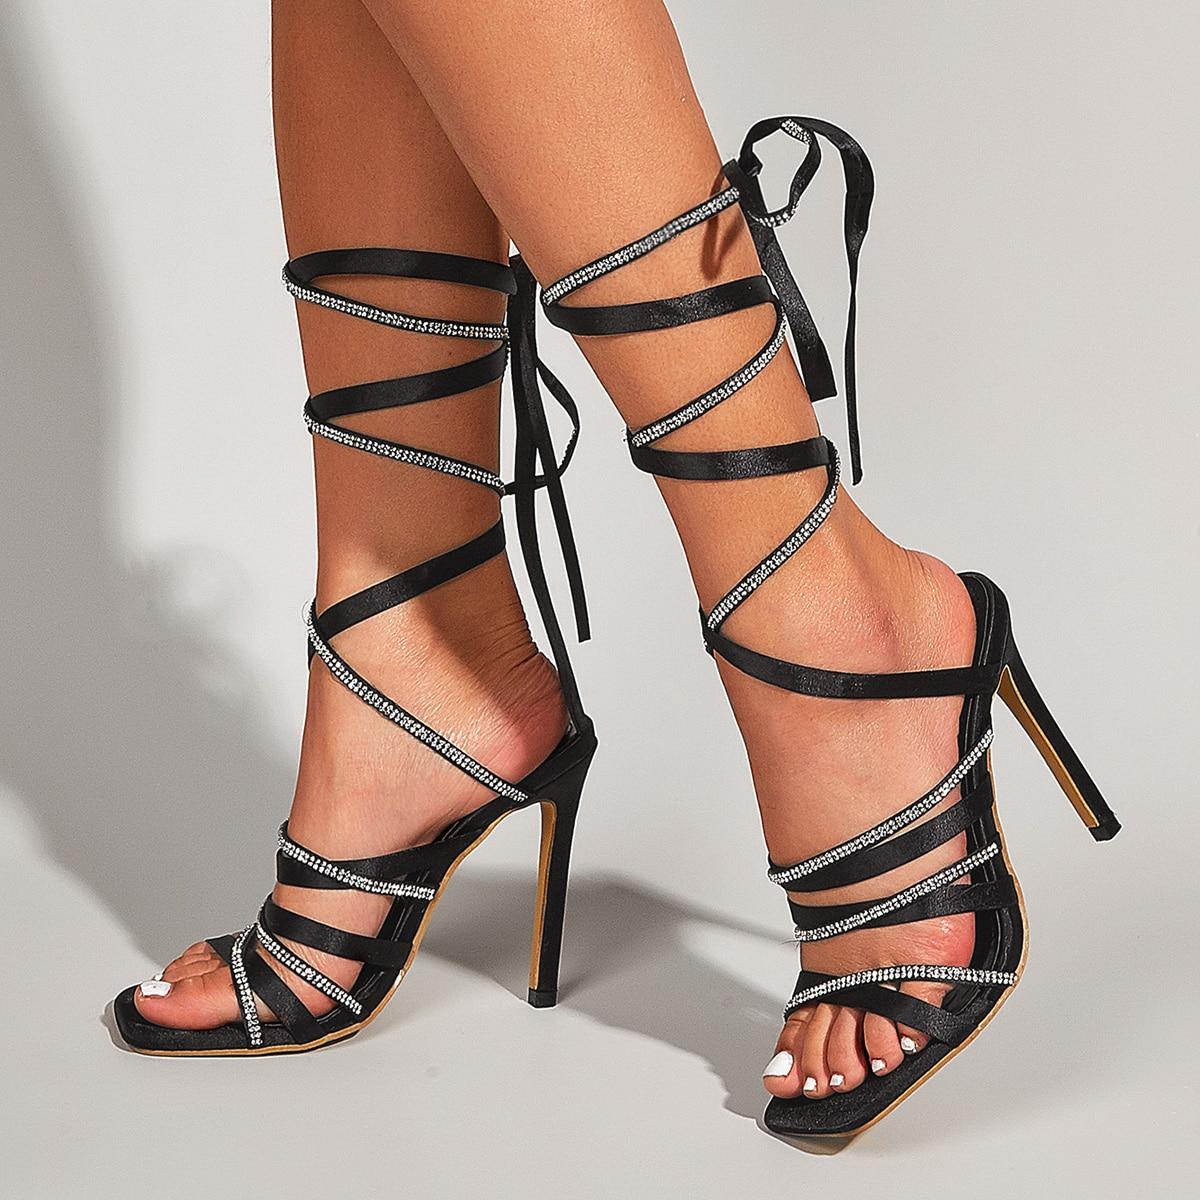 Атласные сандалии на шпильках со стразами